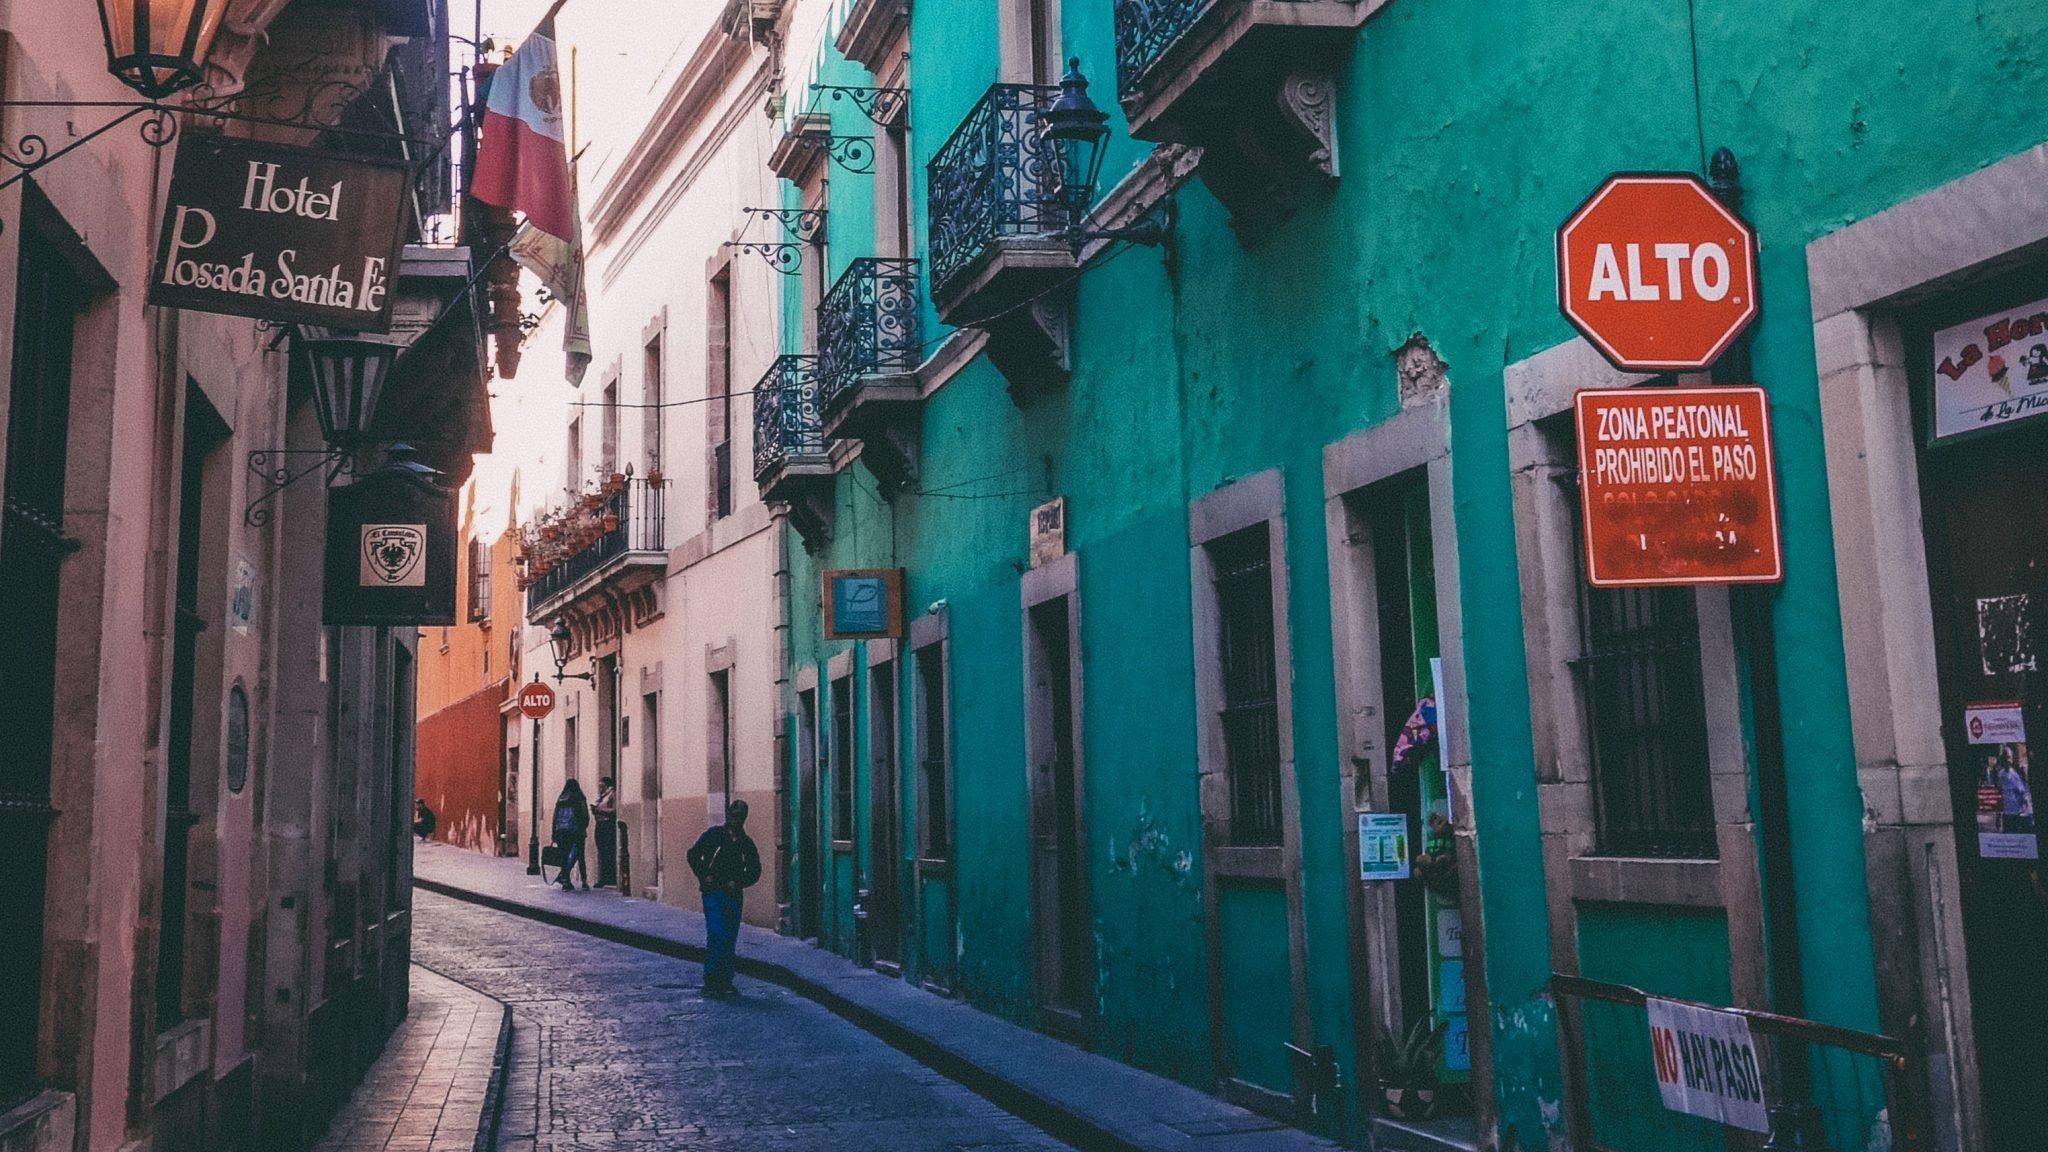 katu meksikossa, taloja ja kylttejä